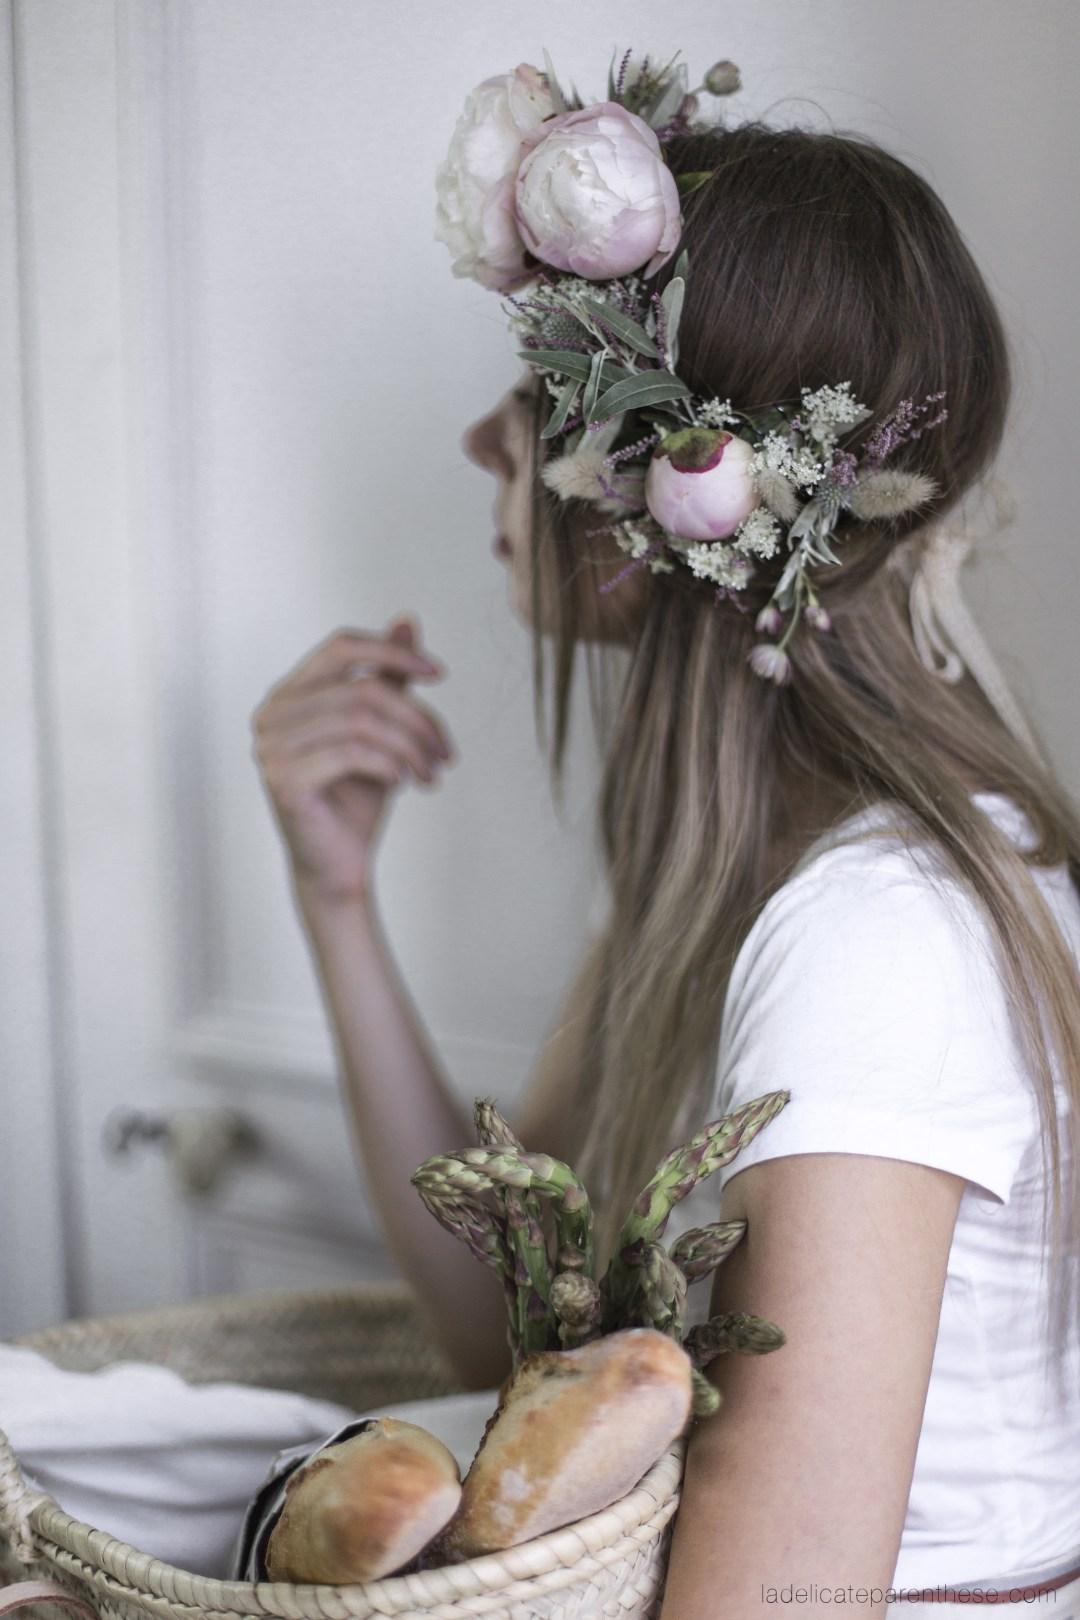 Flower crown La Délicate Parenthèse création